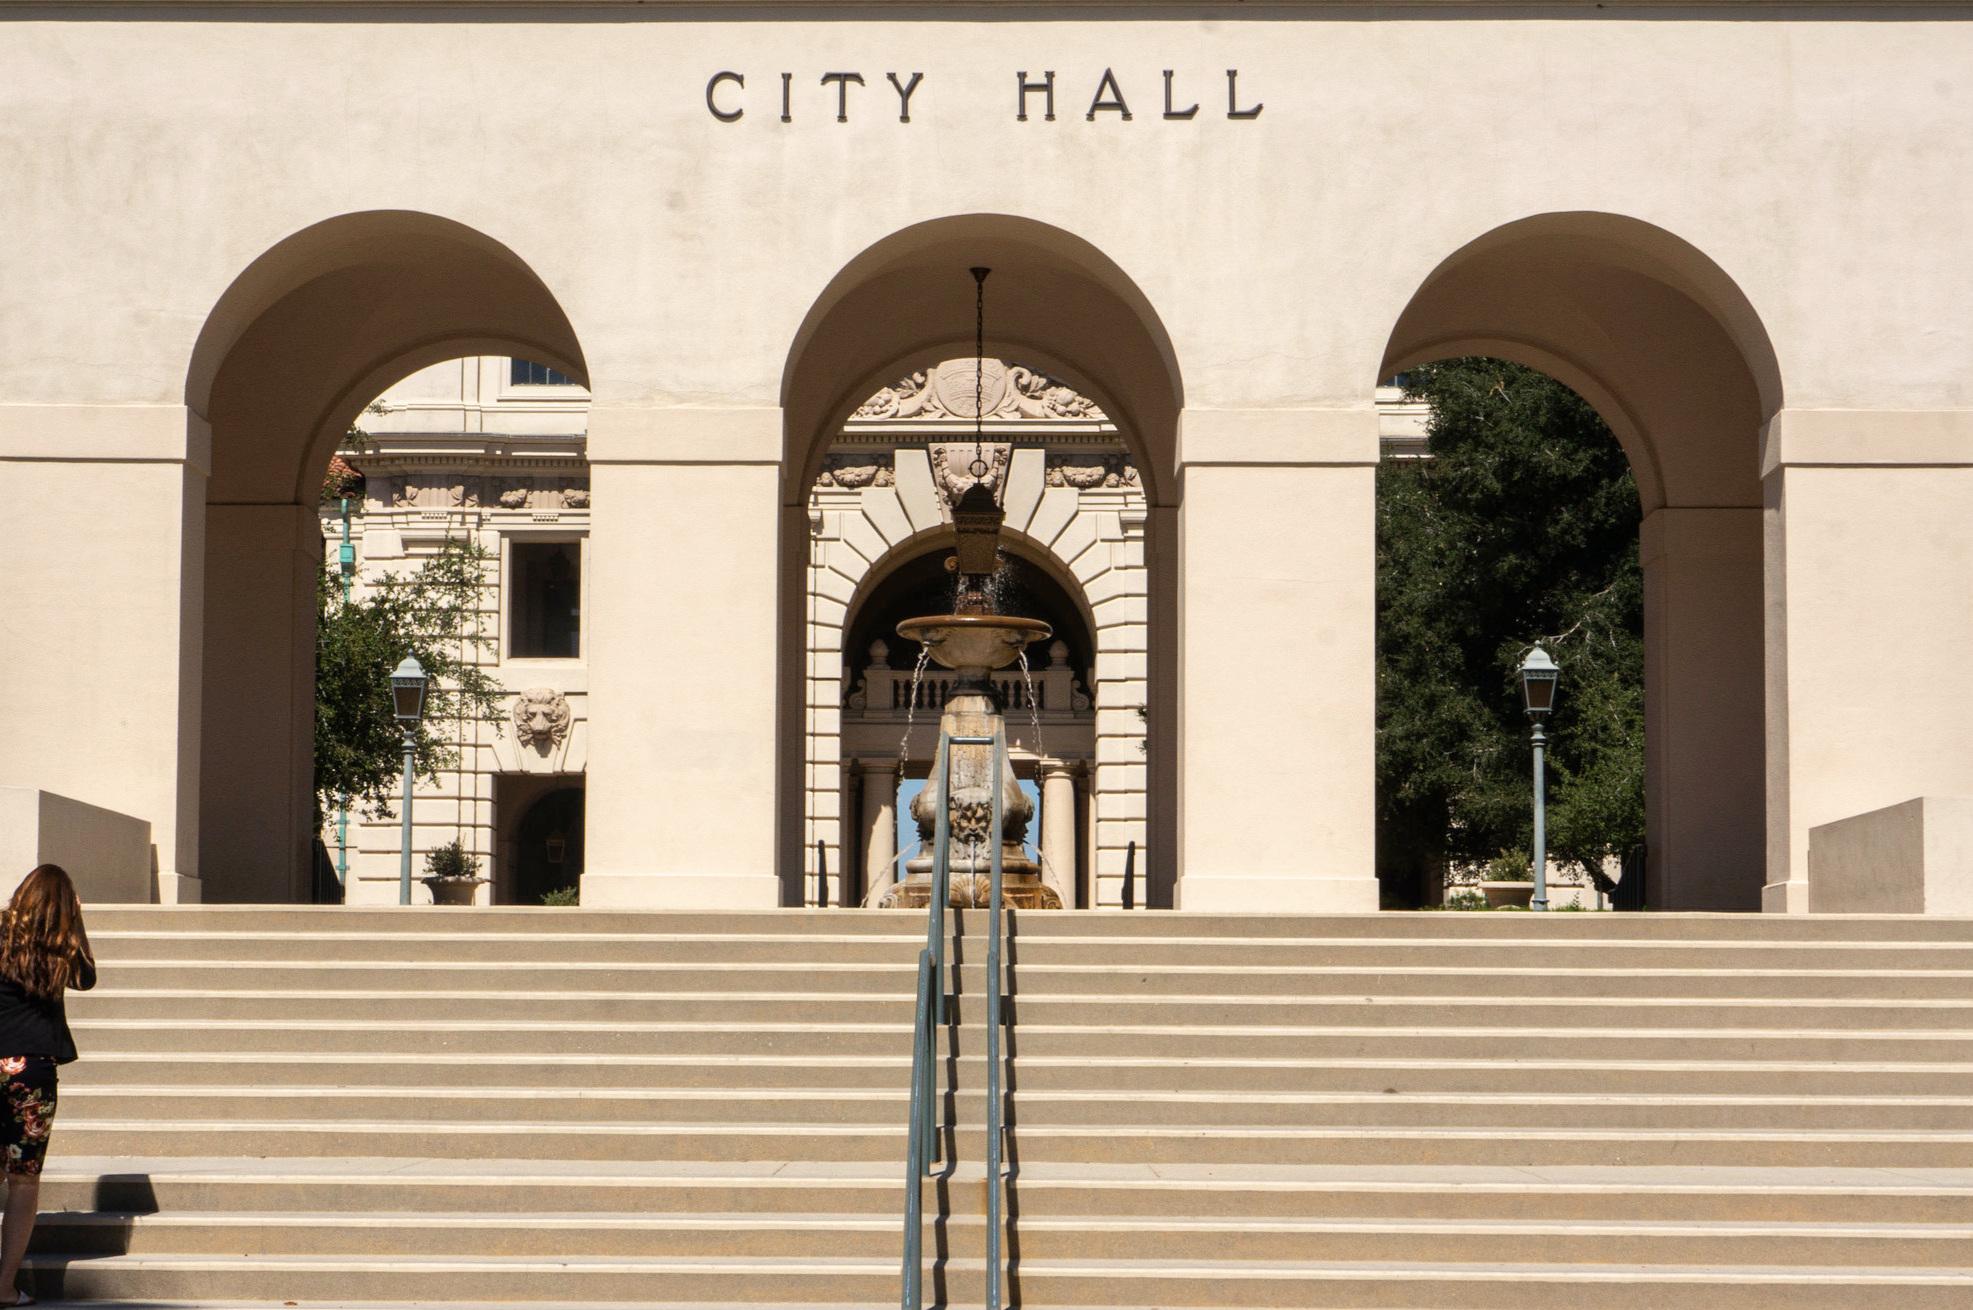 pasadena city hall stills - 43.jpg